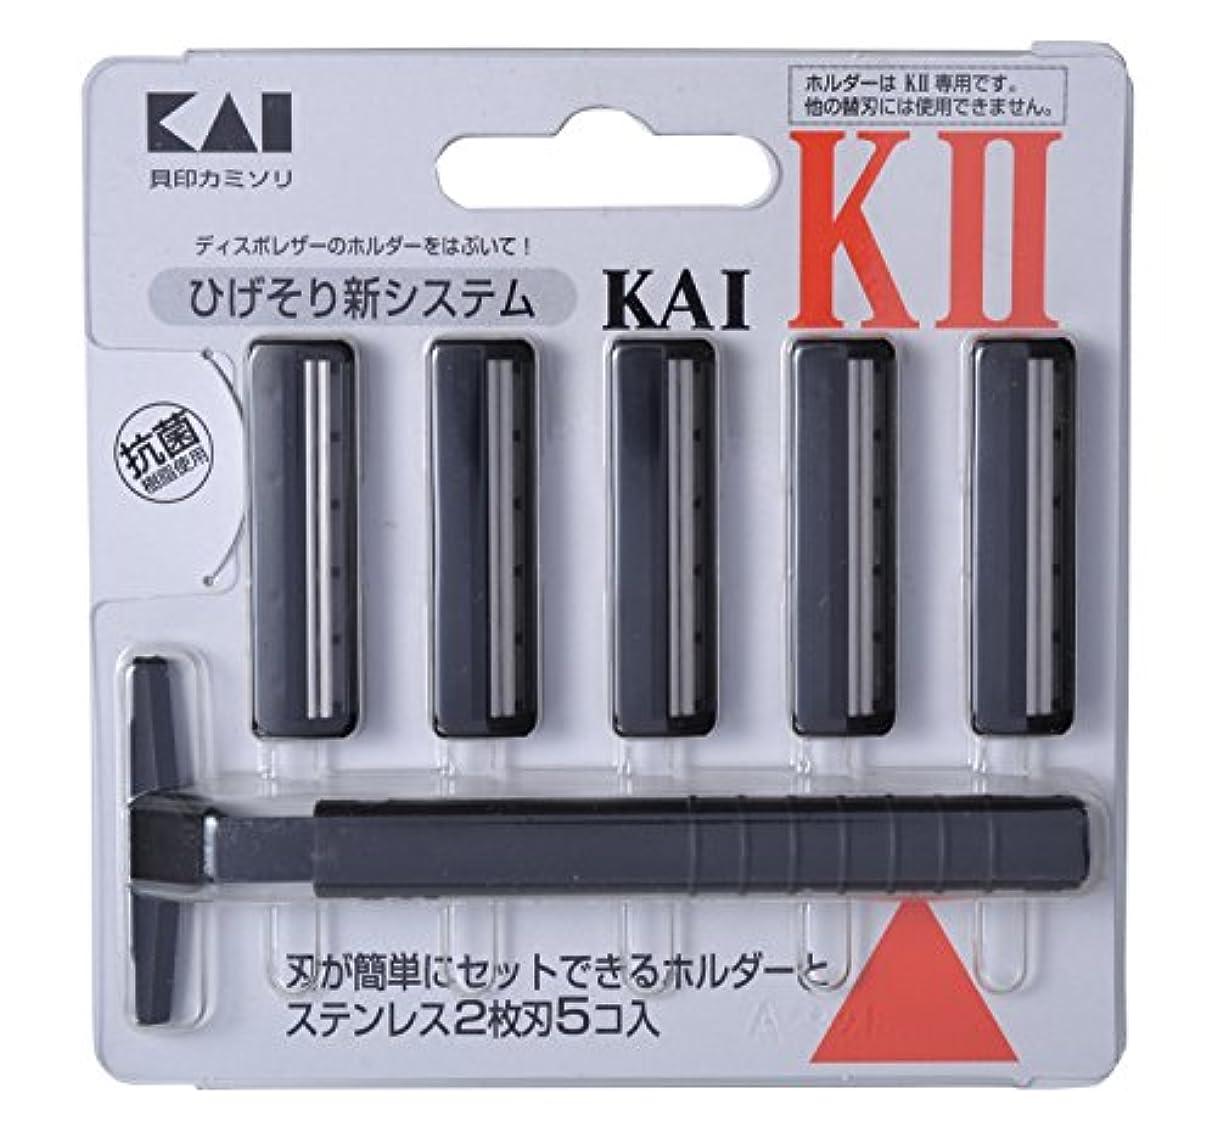 マイクロ墓層KAI K-II